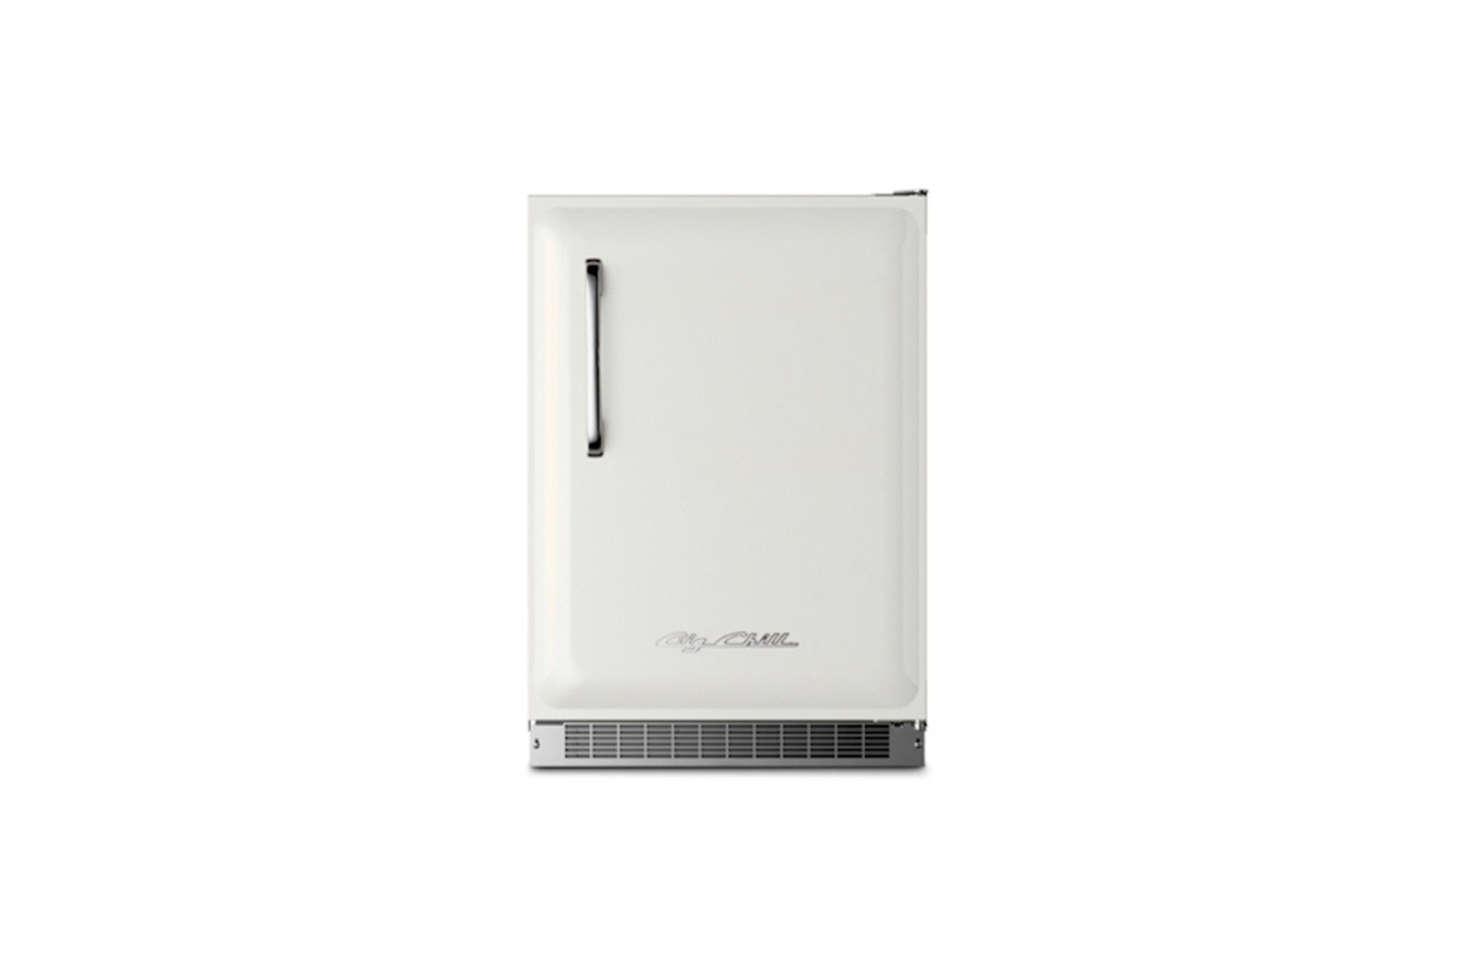 Big Chill's Under Counter Mini Refrigerator